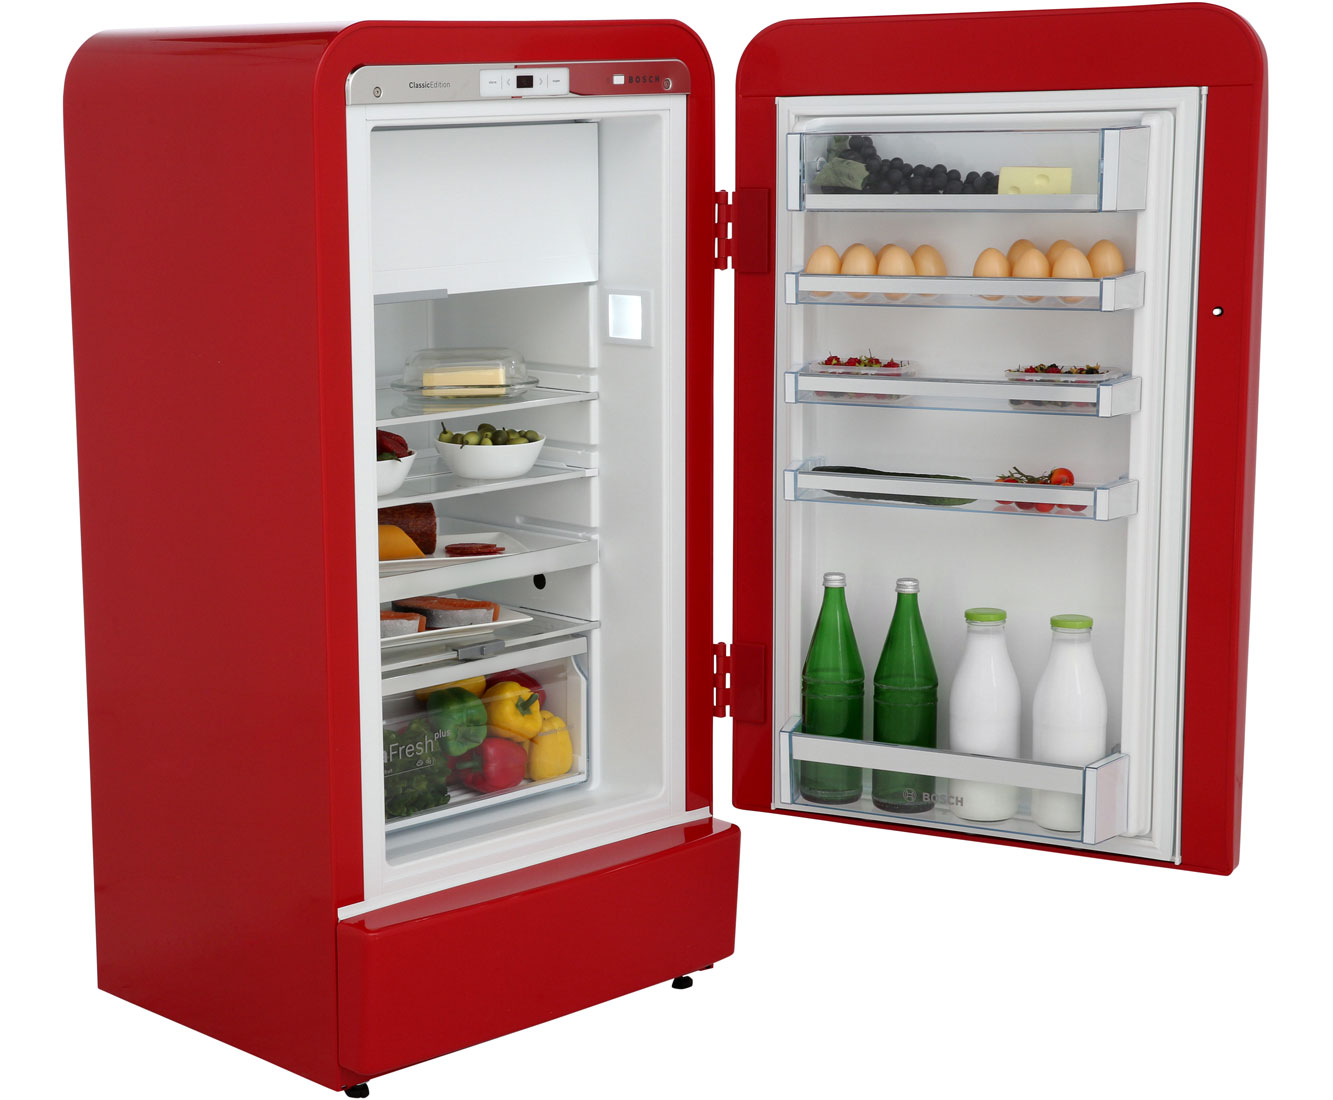 Bosch Kühlschrank Nass : Bosch serie ksl ar kühlschrank mit gefrierfach rot retro